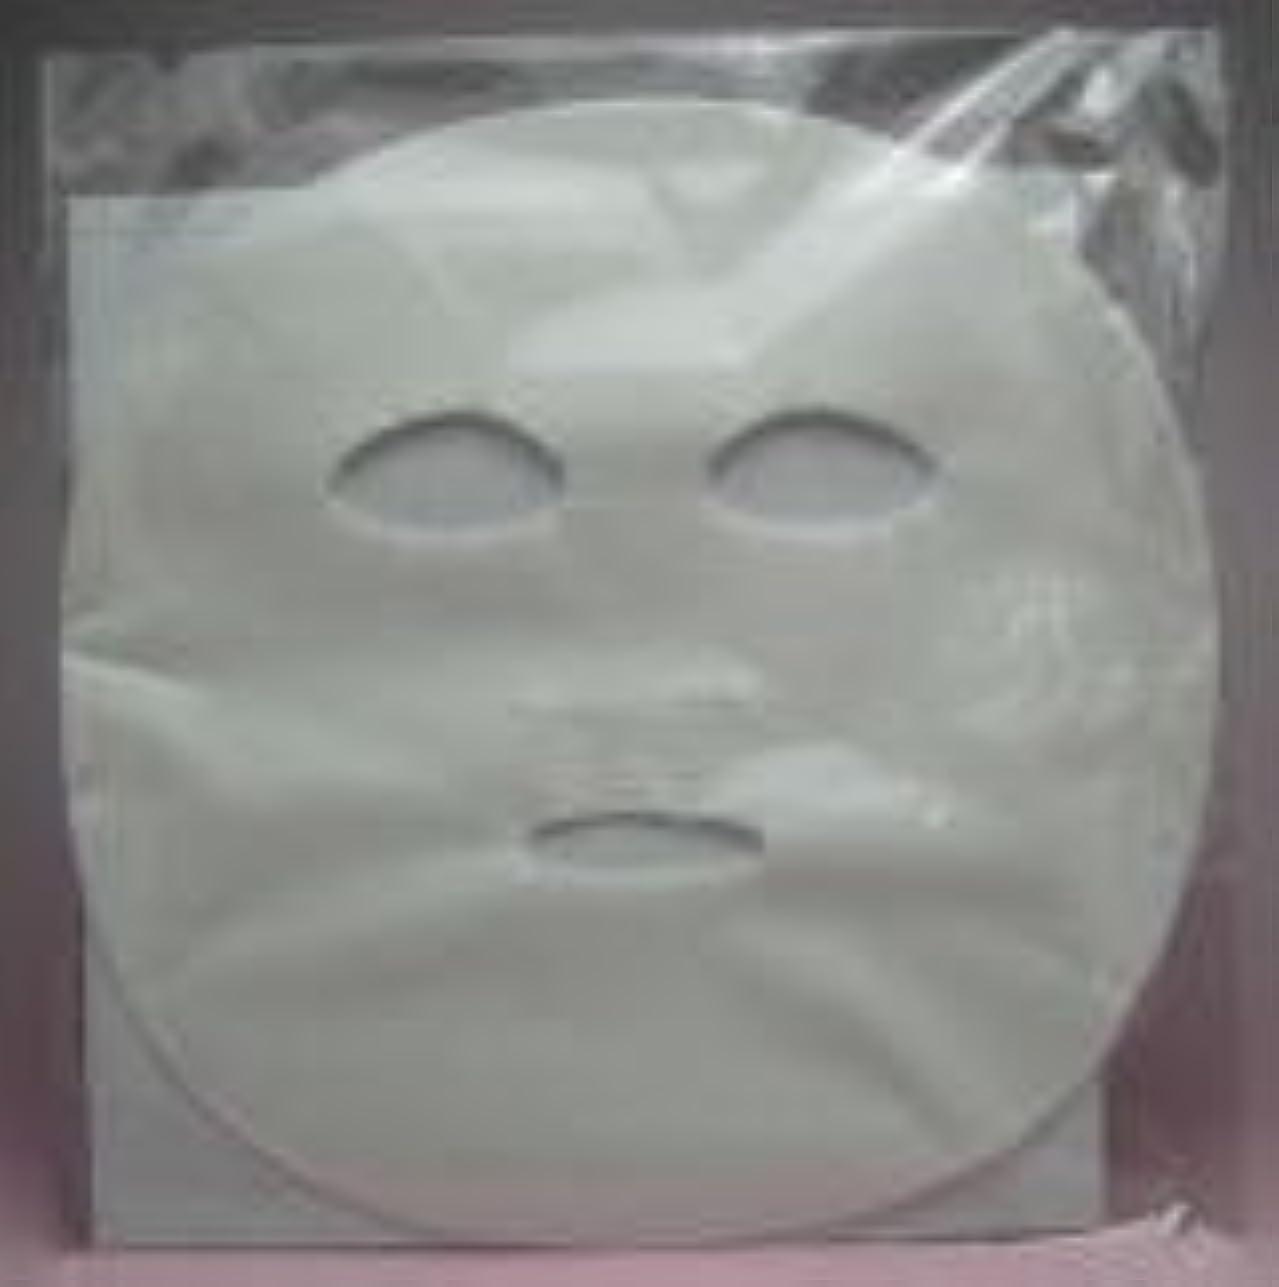 肝討論安全でないオリーブマノン オリーブ スキンケアマスク 100枚